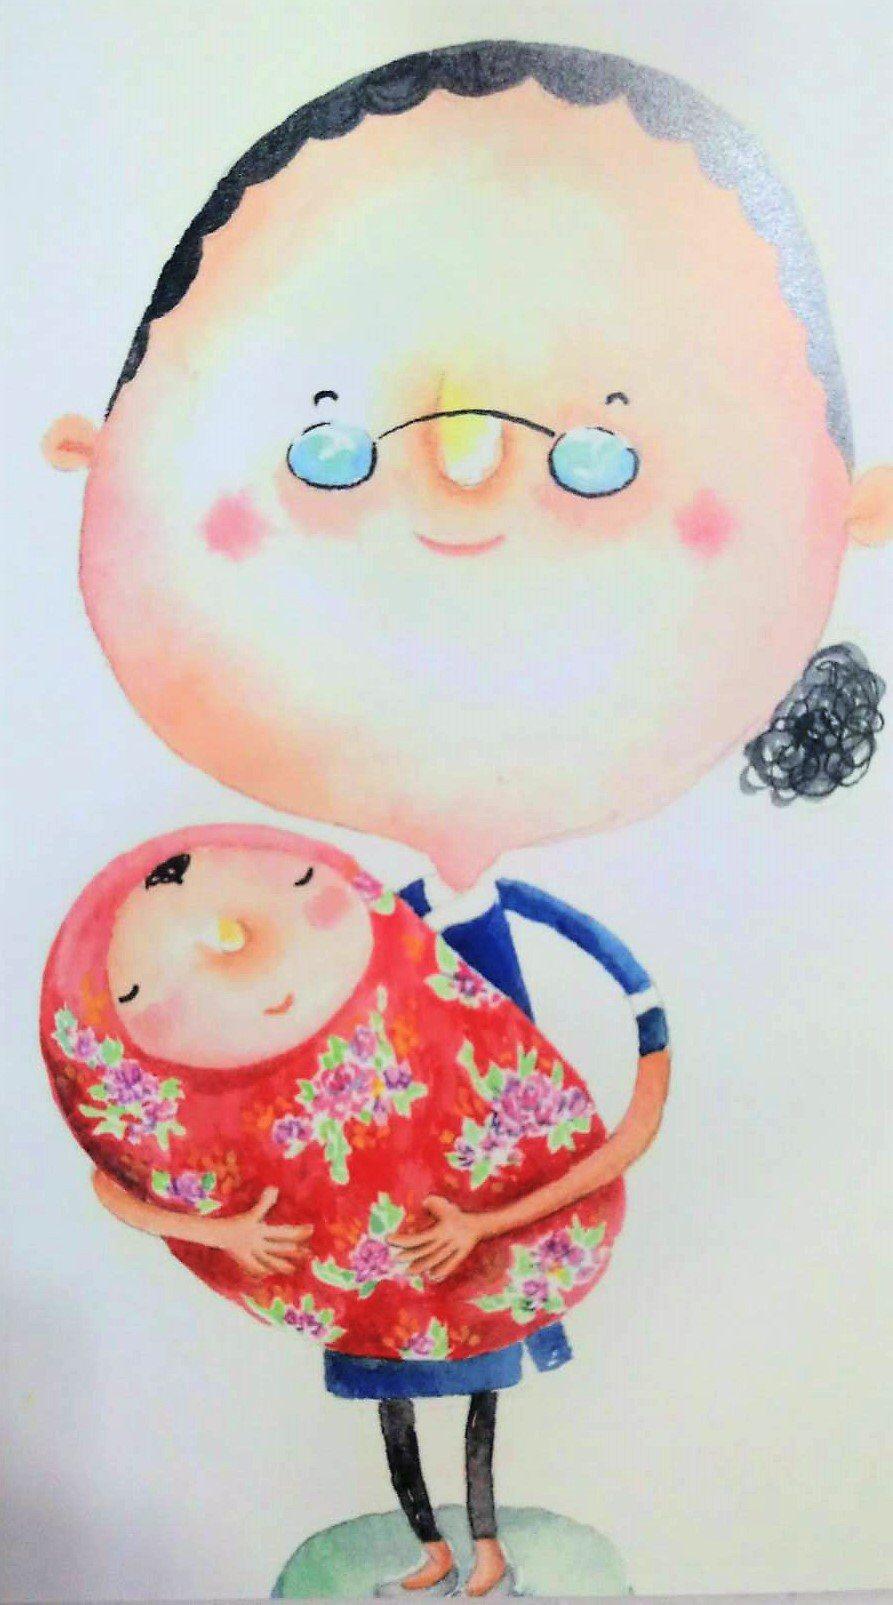 溪口鄉公所今天發表「好運奶奶」兒童繪本,簡叡箴繪的「好運奶奶」可愛逗趣、充滿喜感...